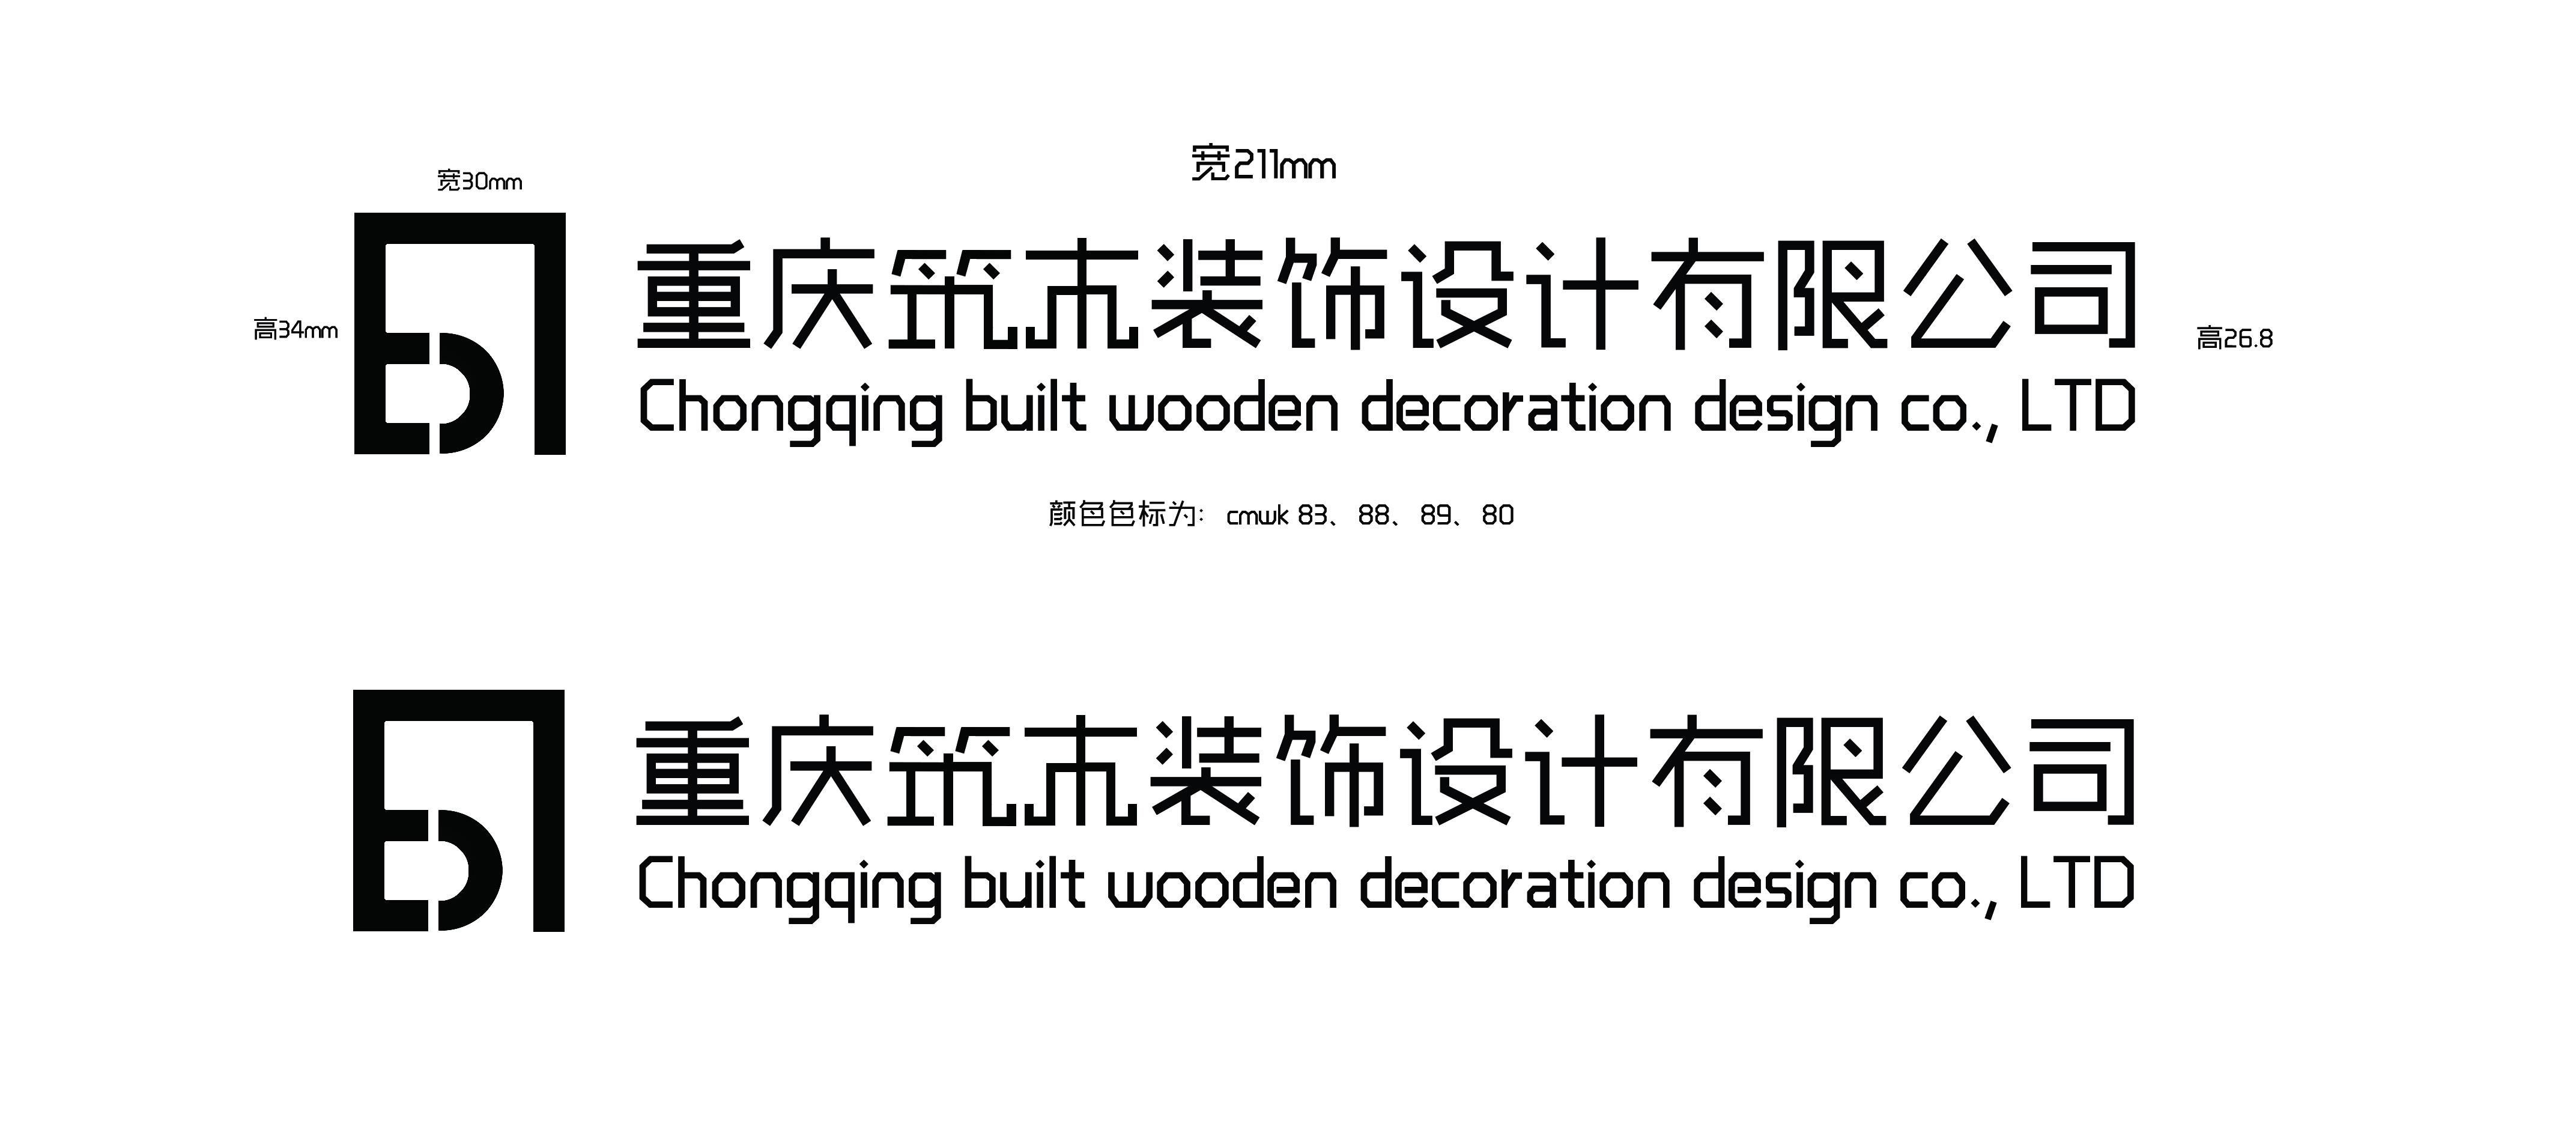 重庆筑木装饰设计有限公司